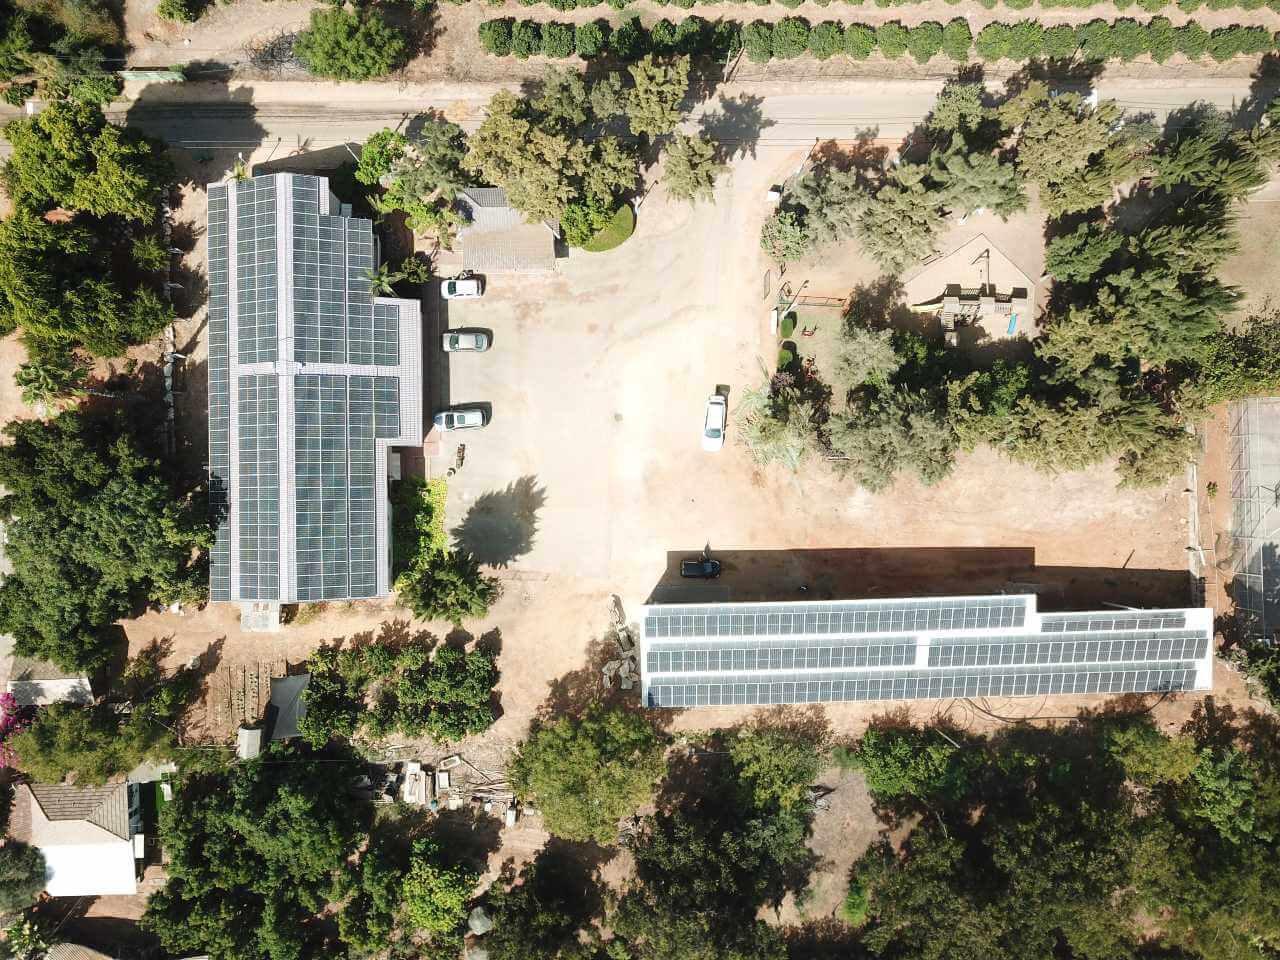 מערכות-סולאריות-כפר-מלל-9